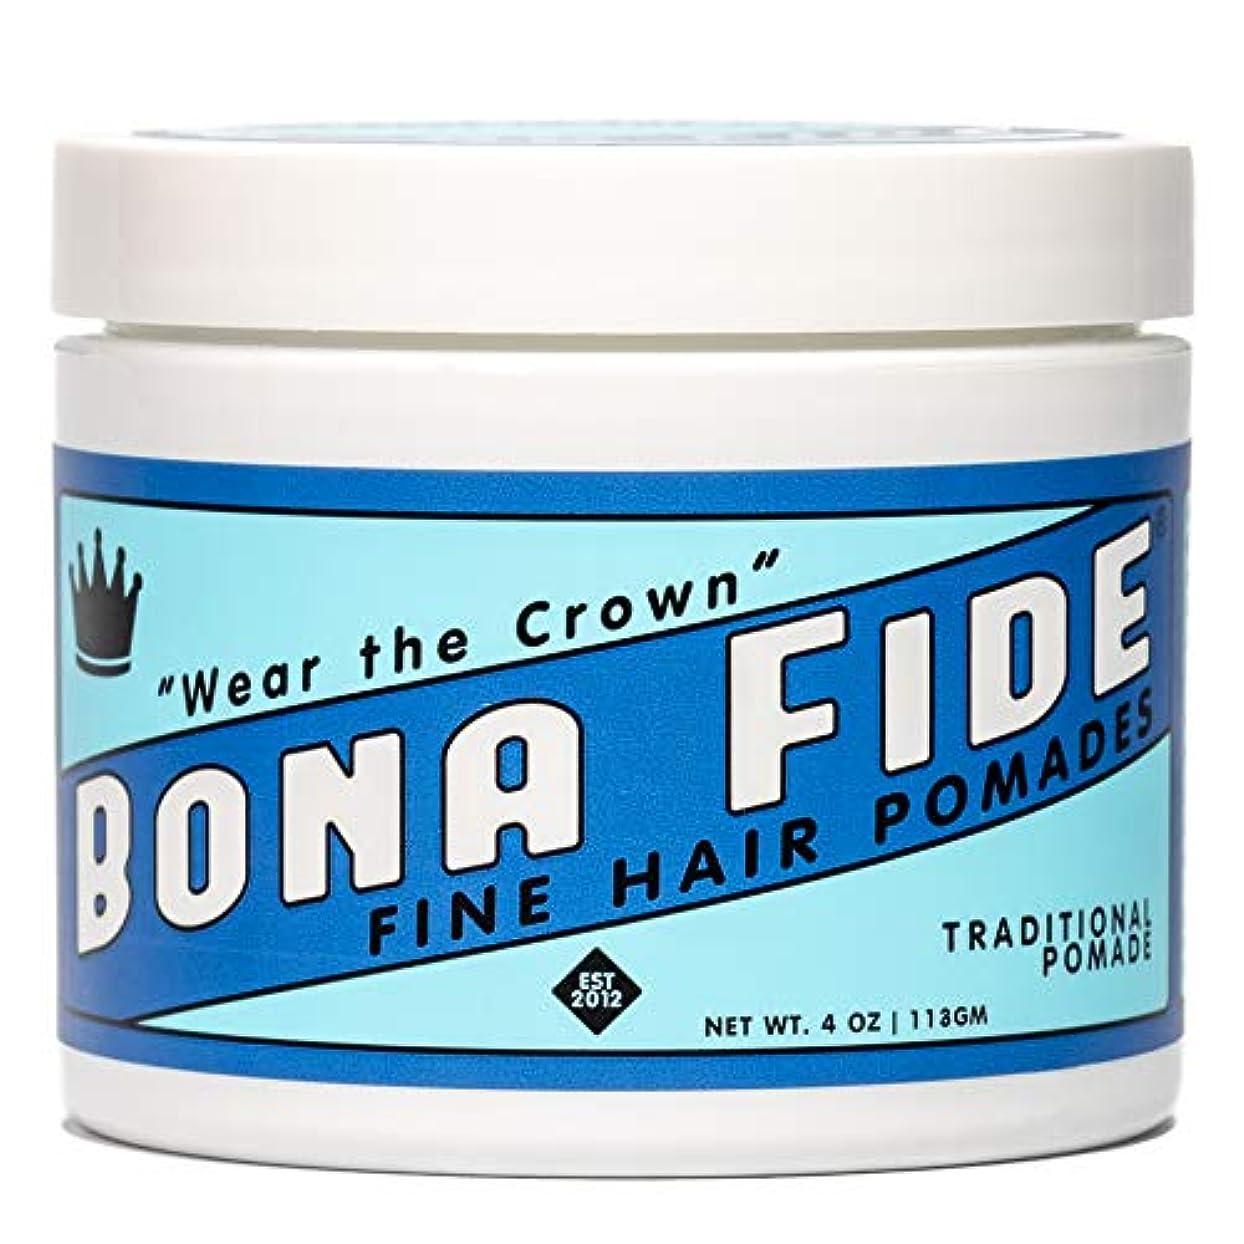 Bona Fide Pomade, トラディショナルポマード, TRADITIONAL POMADE, 4oz (113g)、オイルベースポマード (整髪料/ヘアー スタイリング剤)